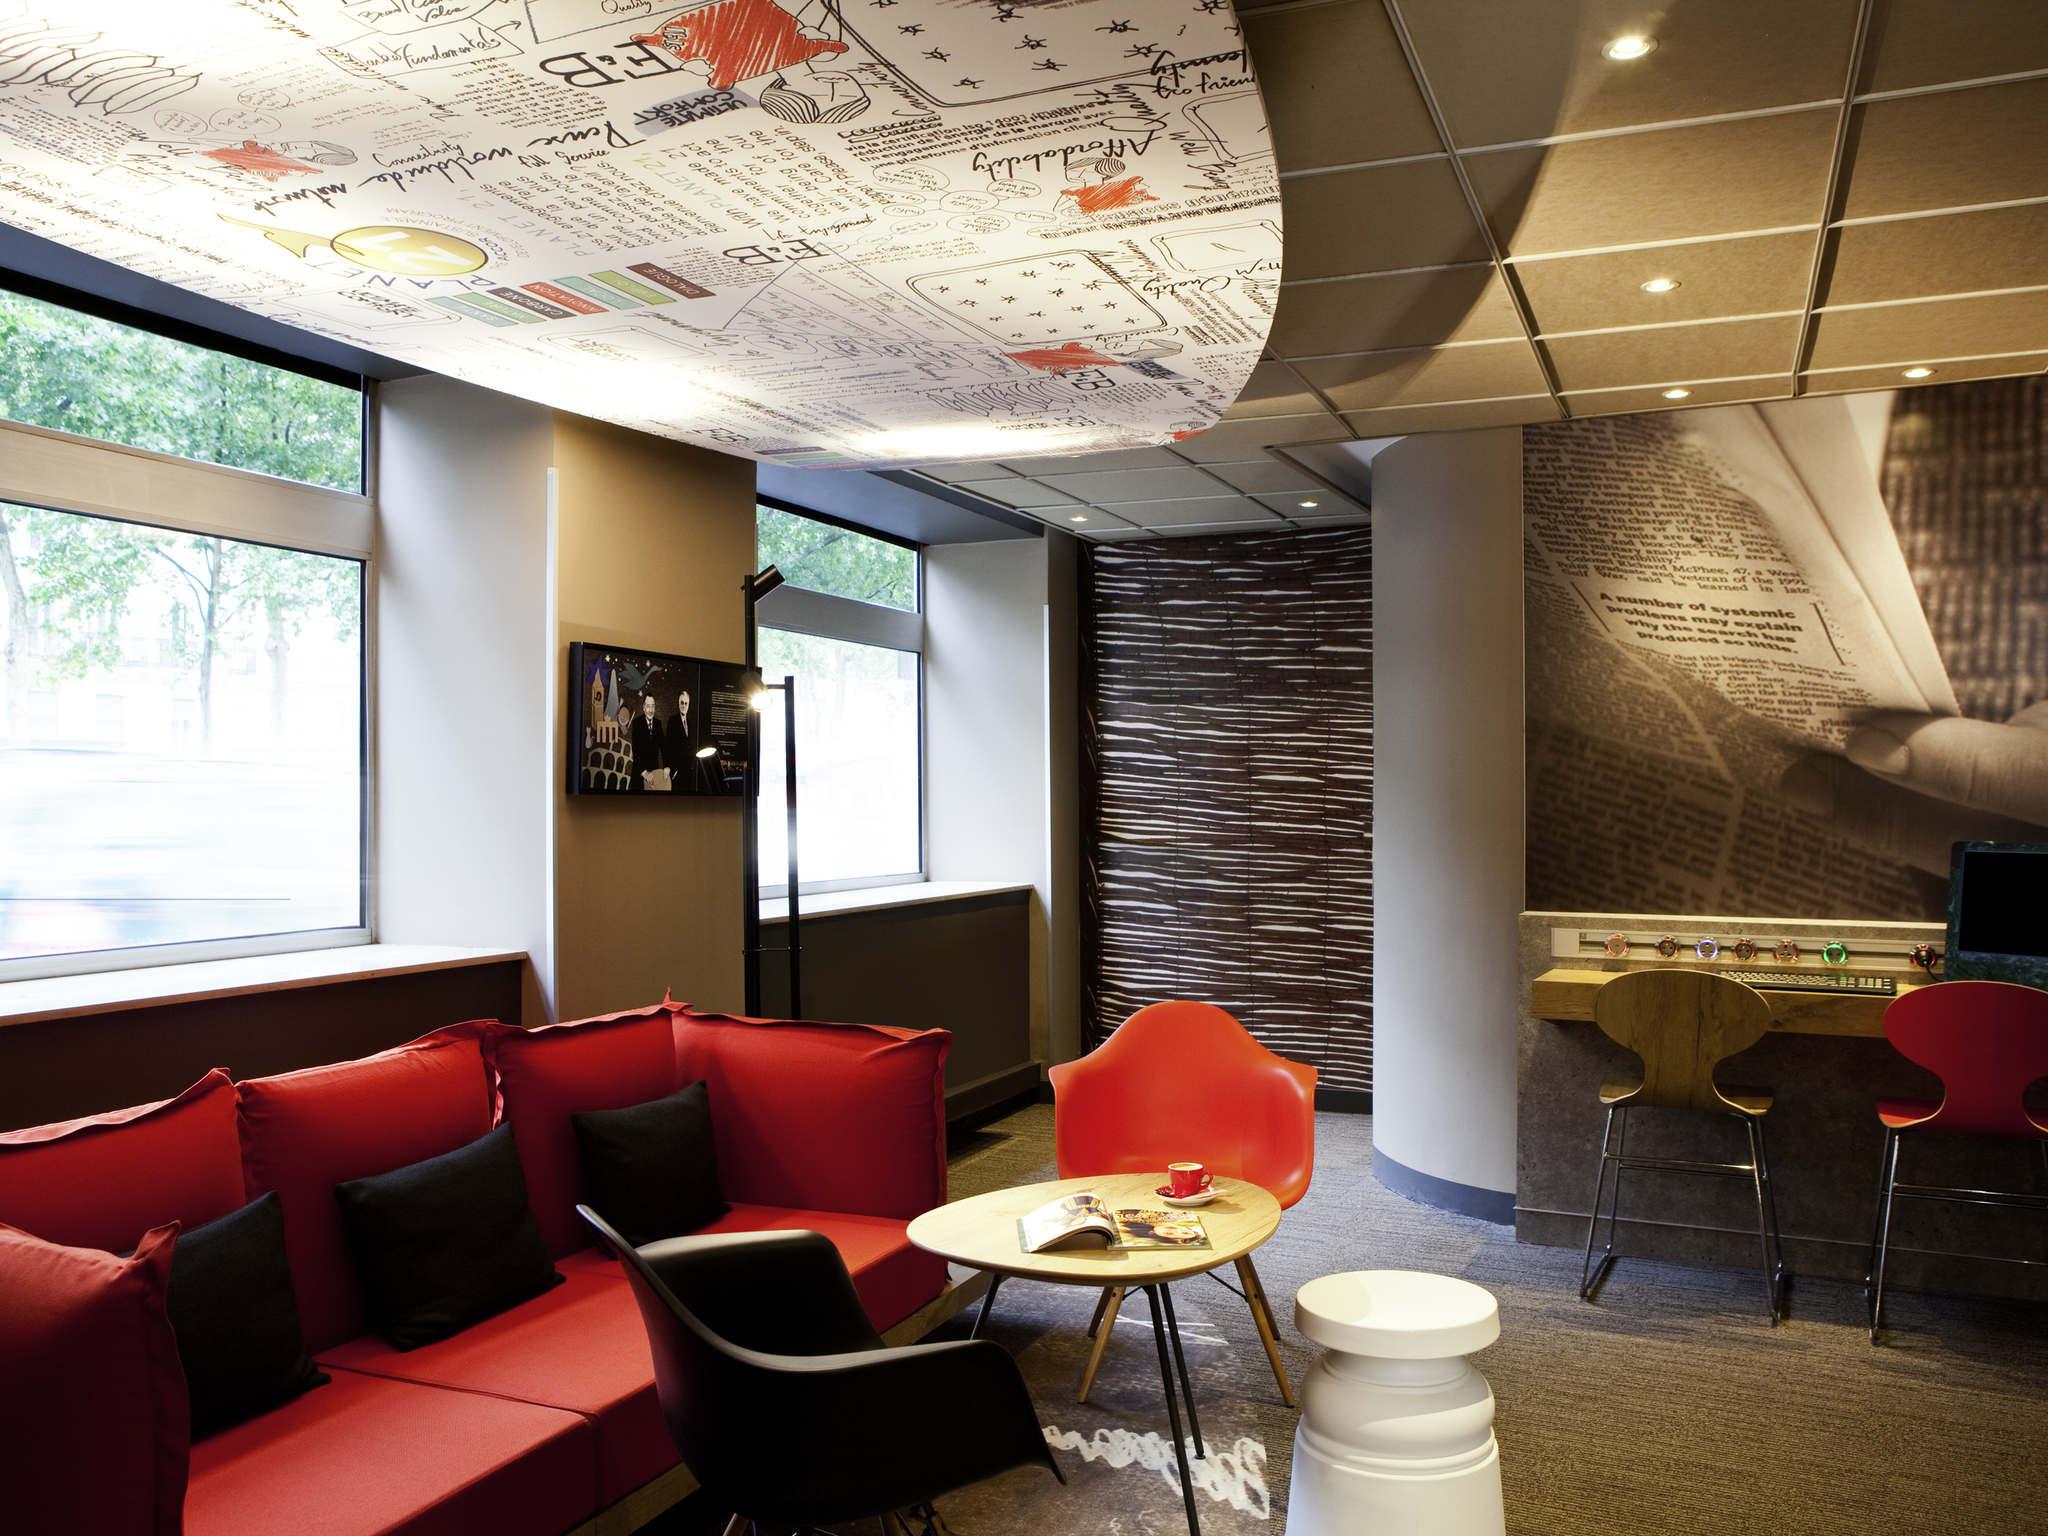 โรงแรม – ไอบิส ปารีส ซาเคร เกอร์ 18เอเม่